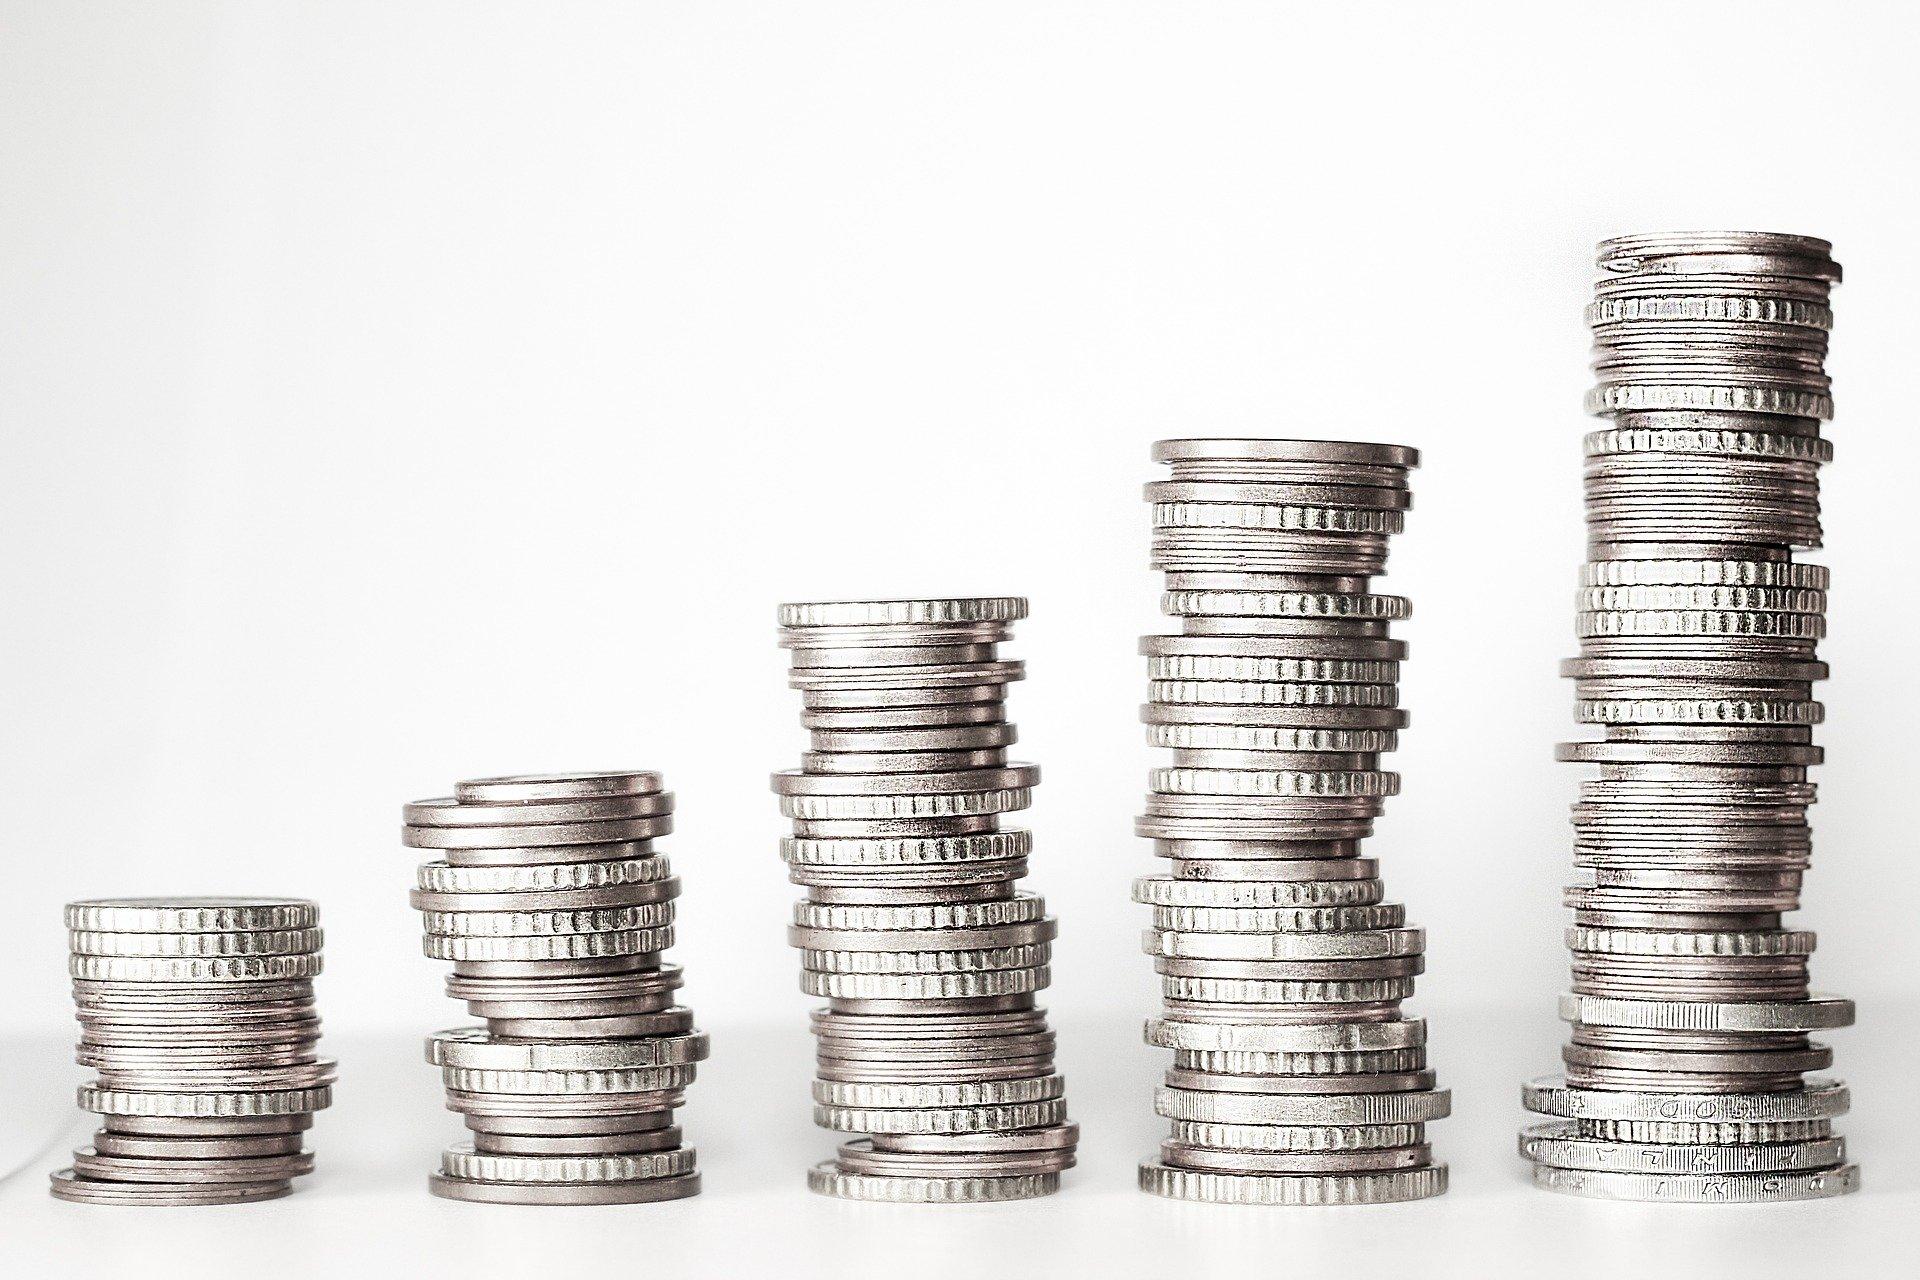 El Gobierno aprueba el salario mínimo de 950 euros a aplicar desde el 1 de enero